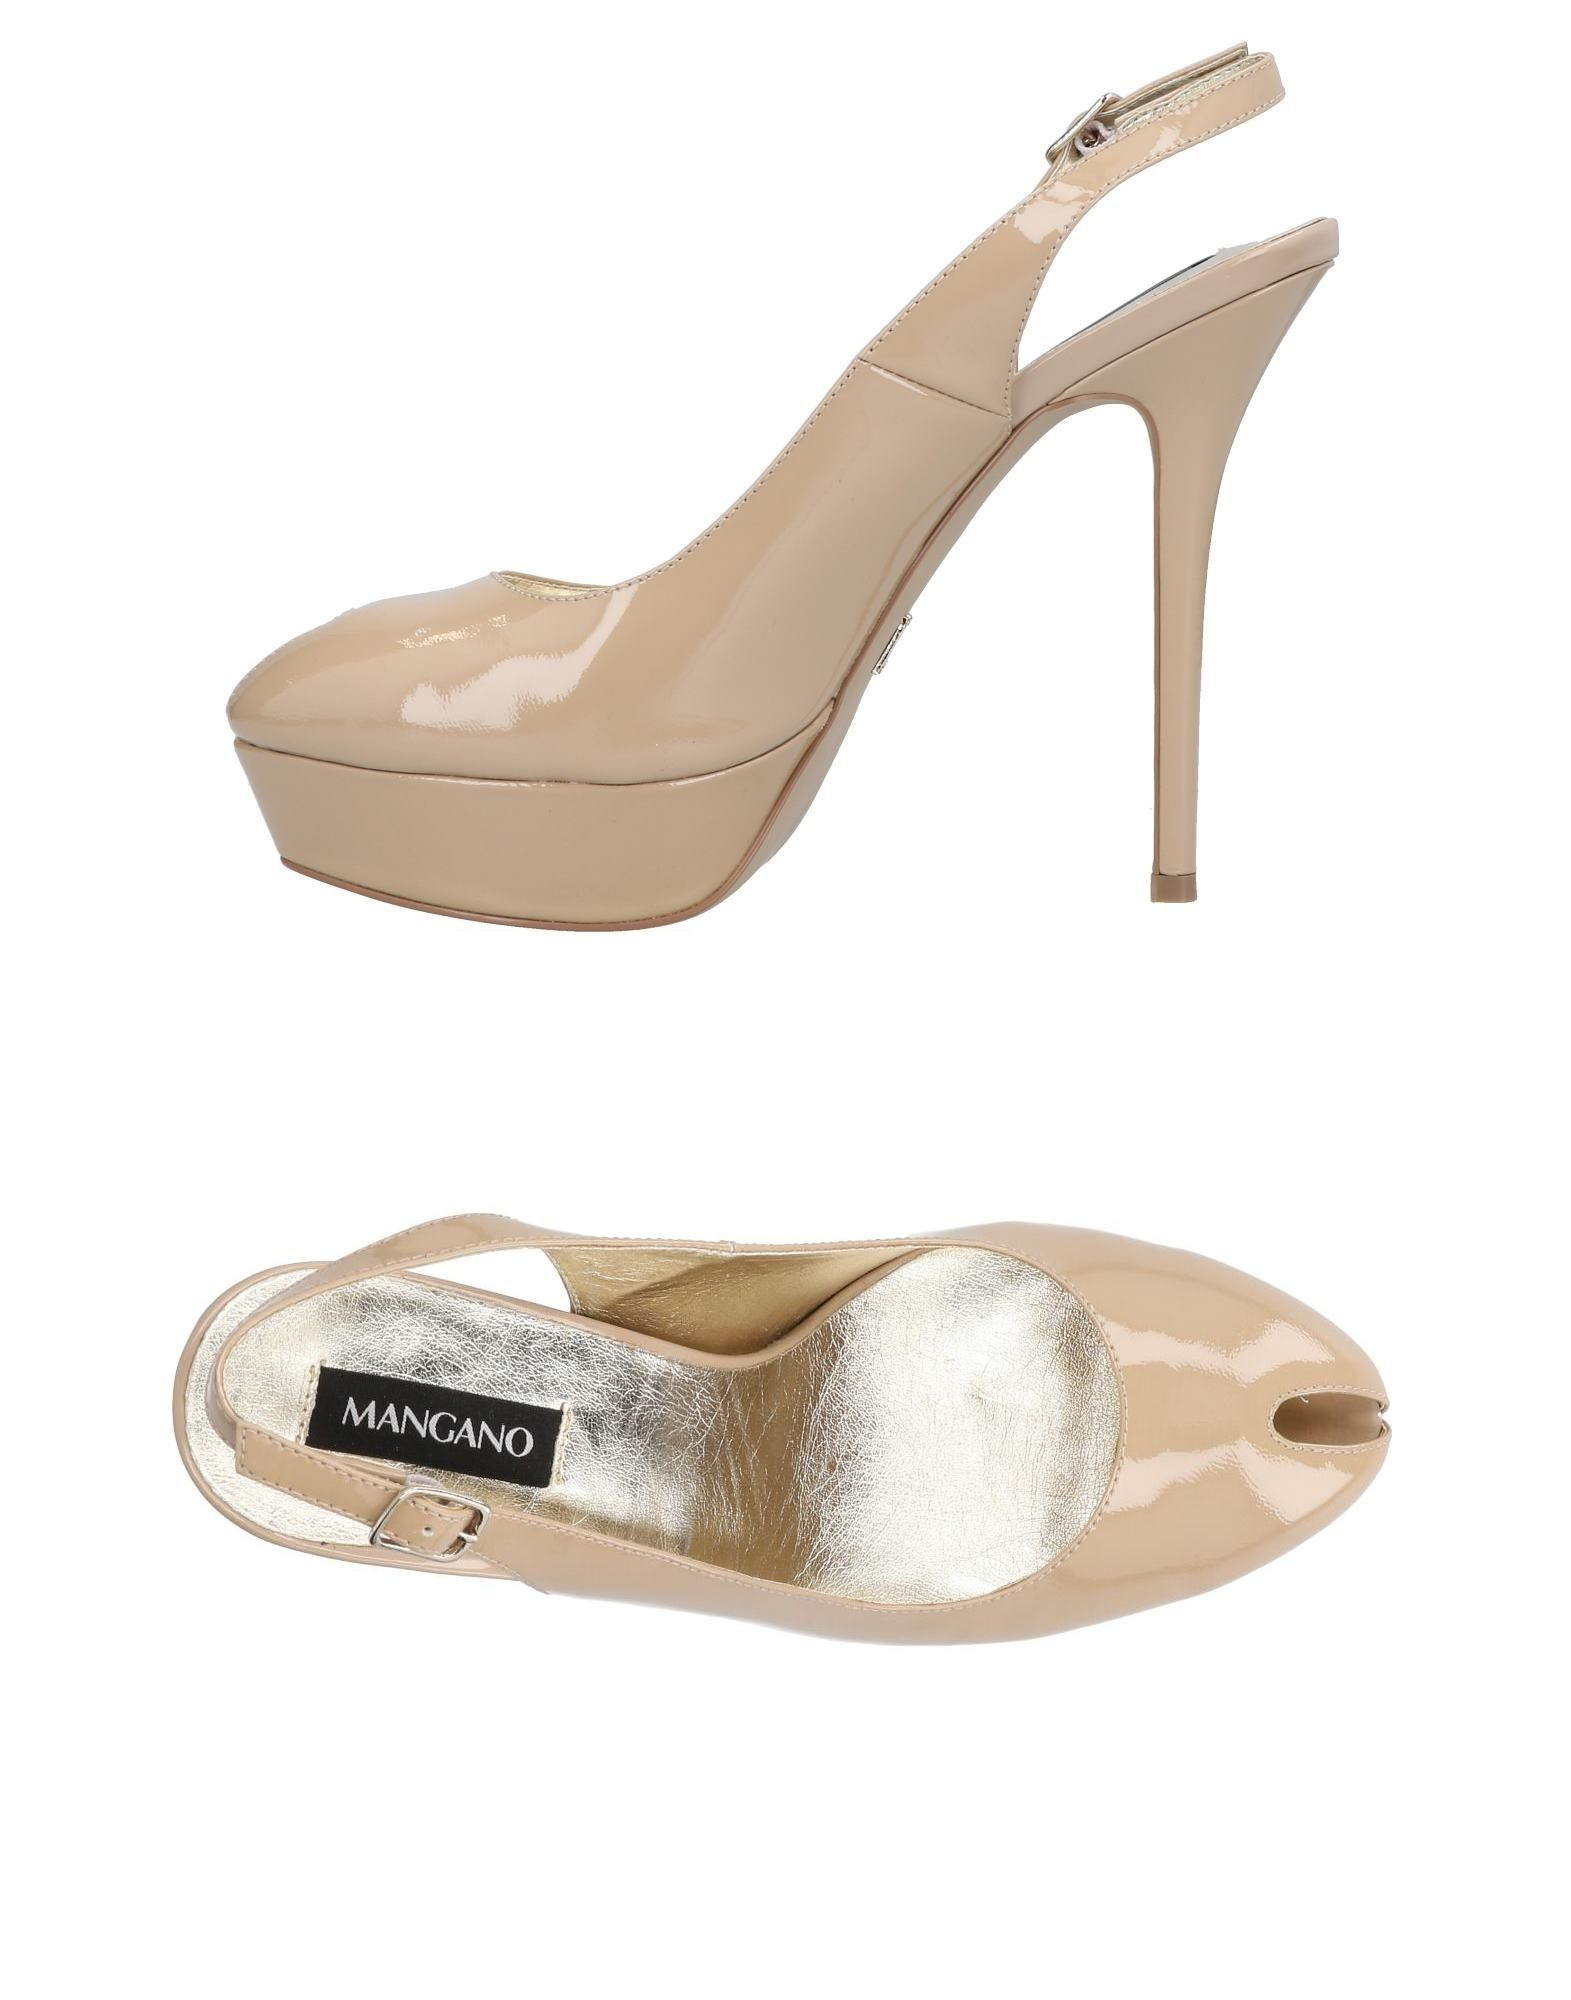 Haltbare Mode billige Schuhe Mangano Sandalen Damen  11452405XD Heiße Schuhe